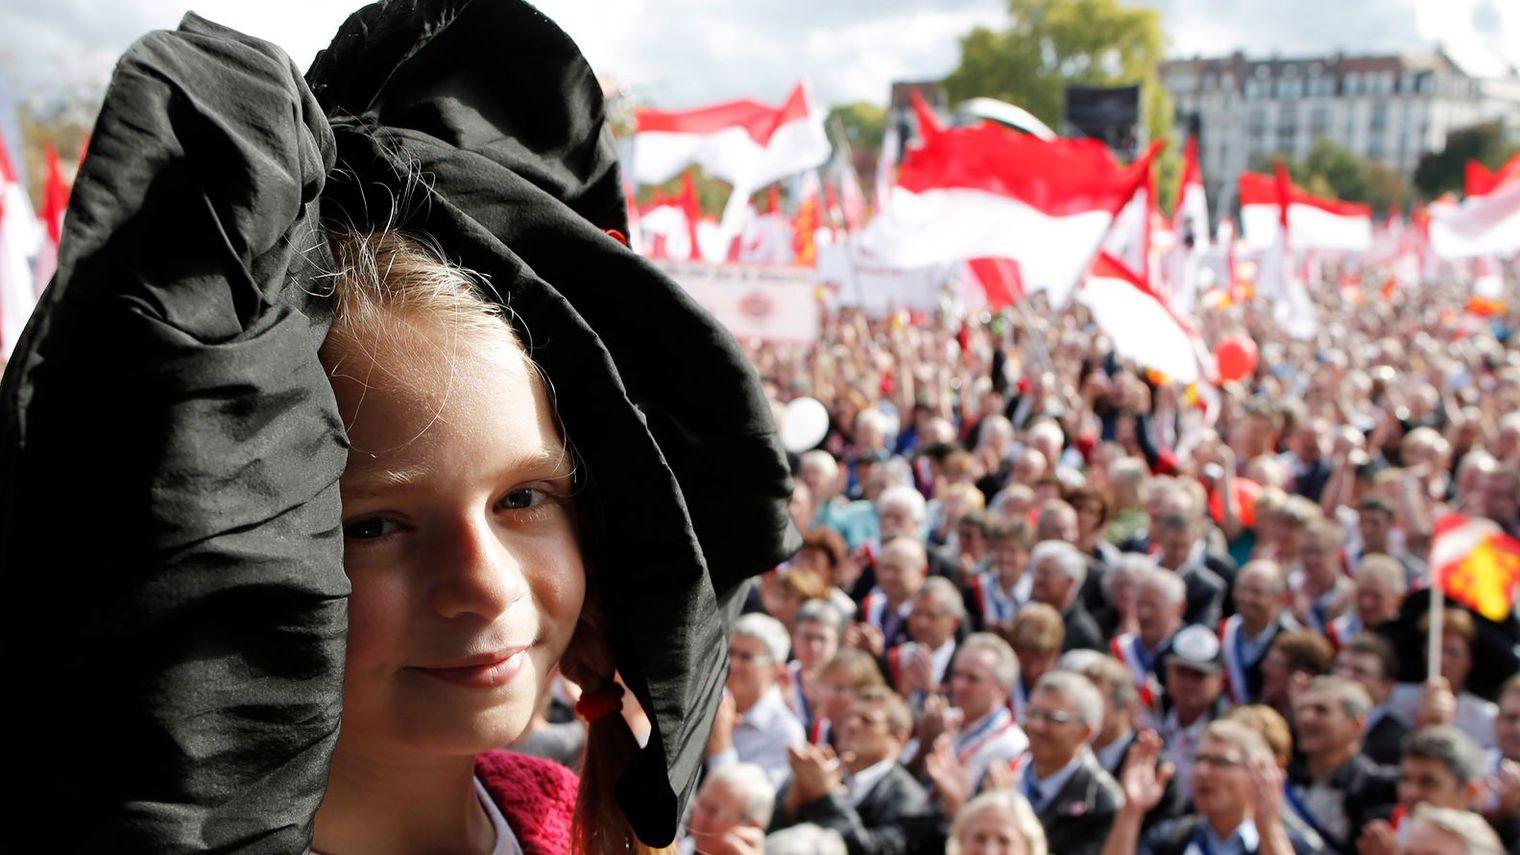 In Alsazia, i giovani lottano per preservare l'identità, la lingua e la cultura locale.